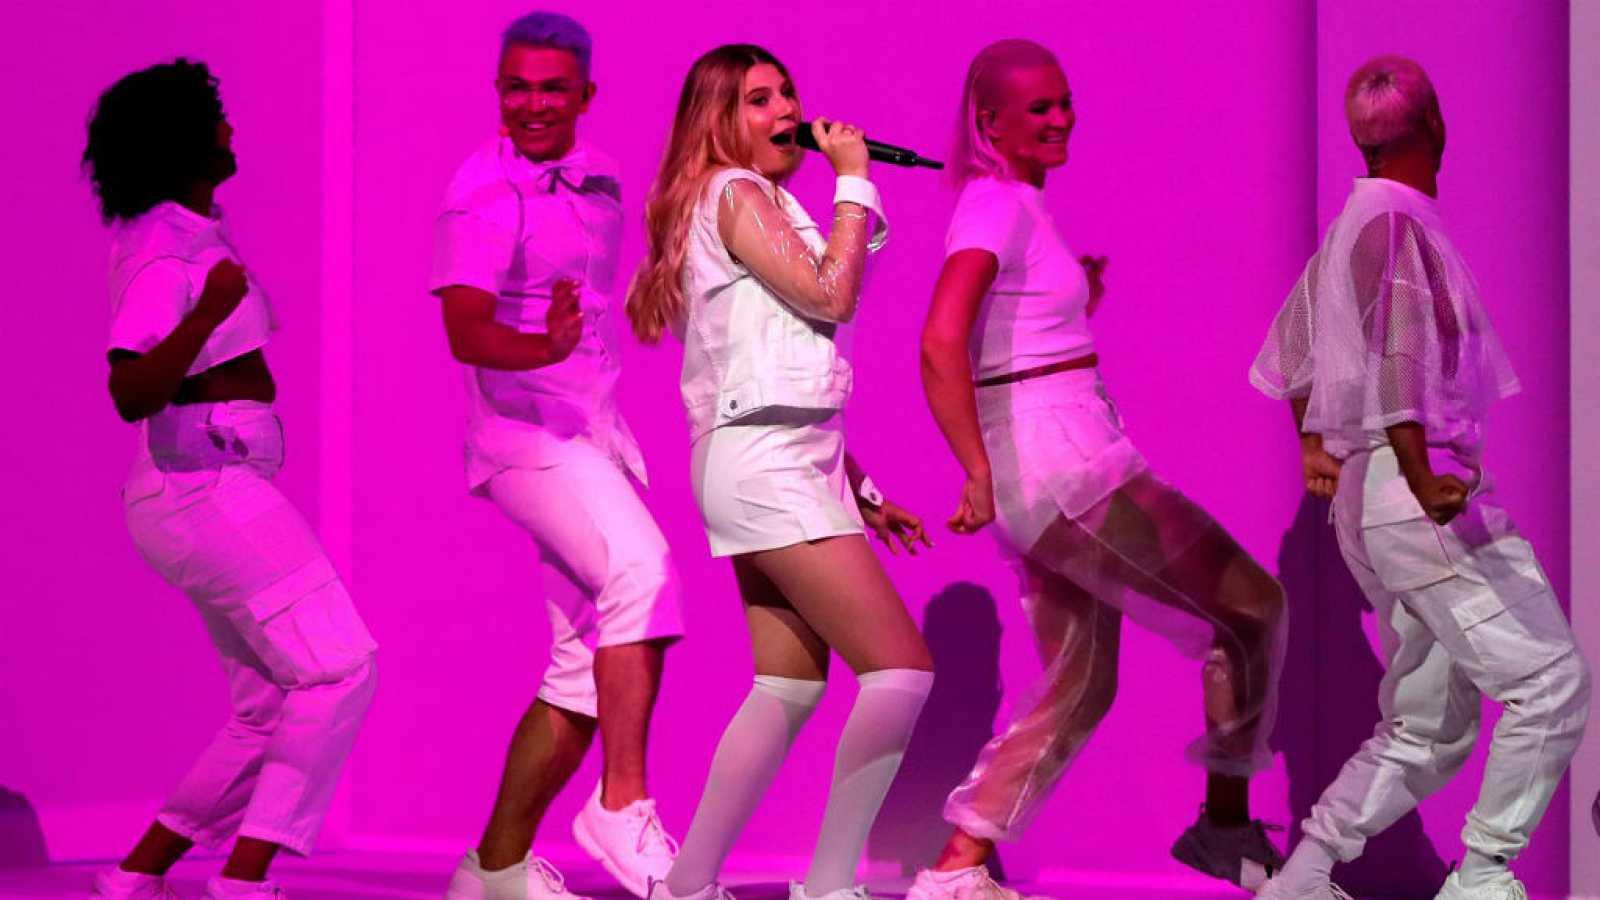 Universo - Eurovisión - Seguimos escuchando a los intérpretes sin ver a un claro favorito - 18/05/19 - Escuchar ahora